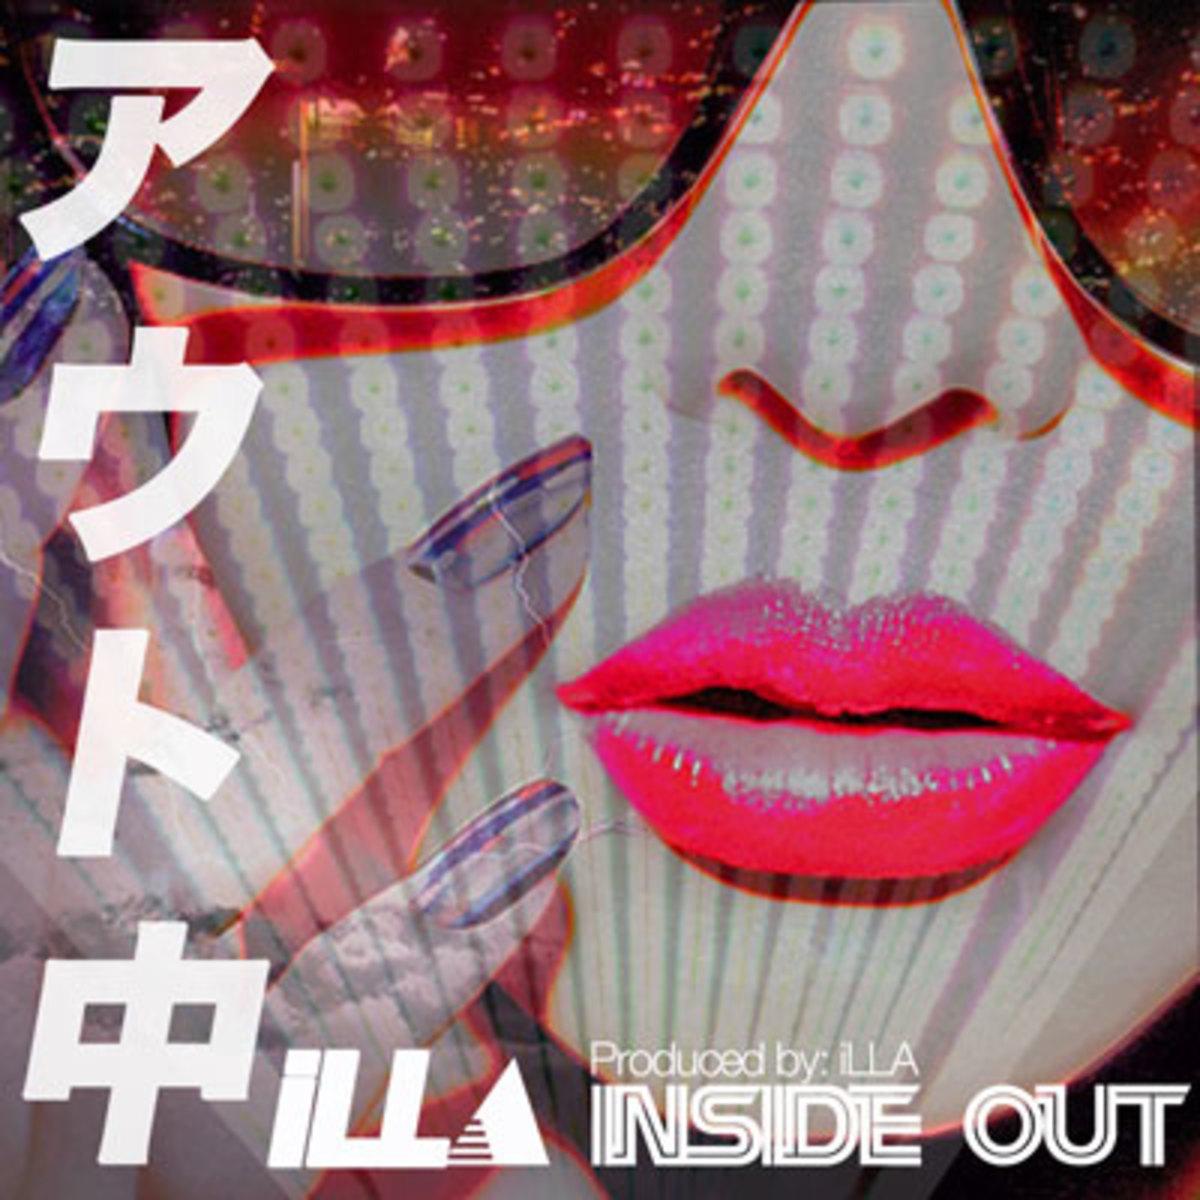 illa-insideout.jpg